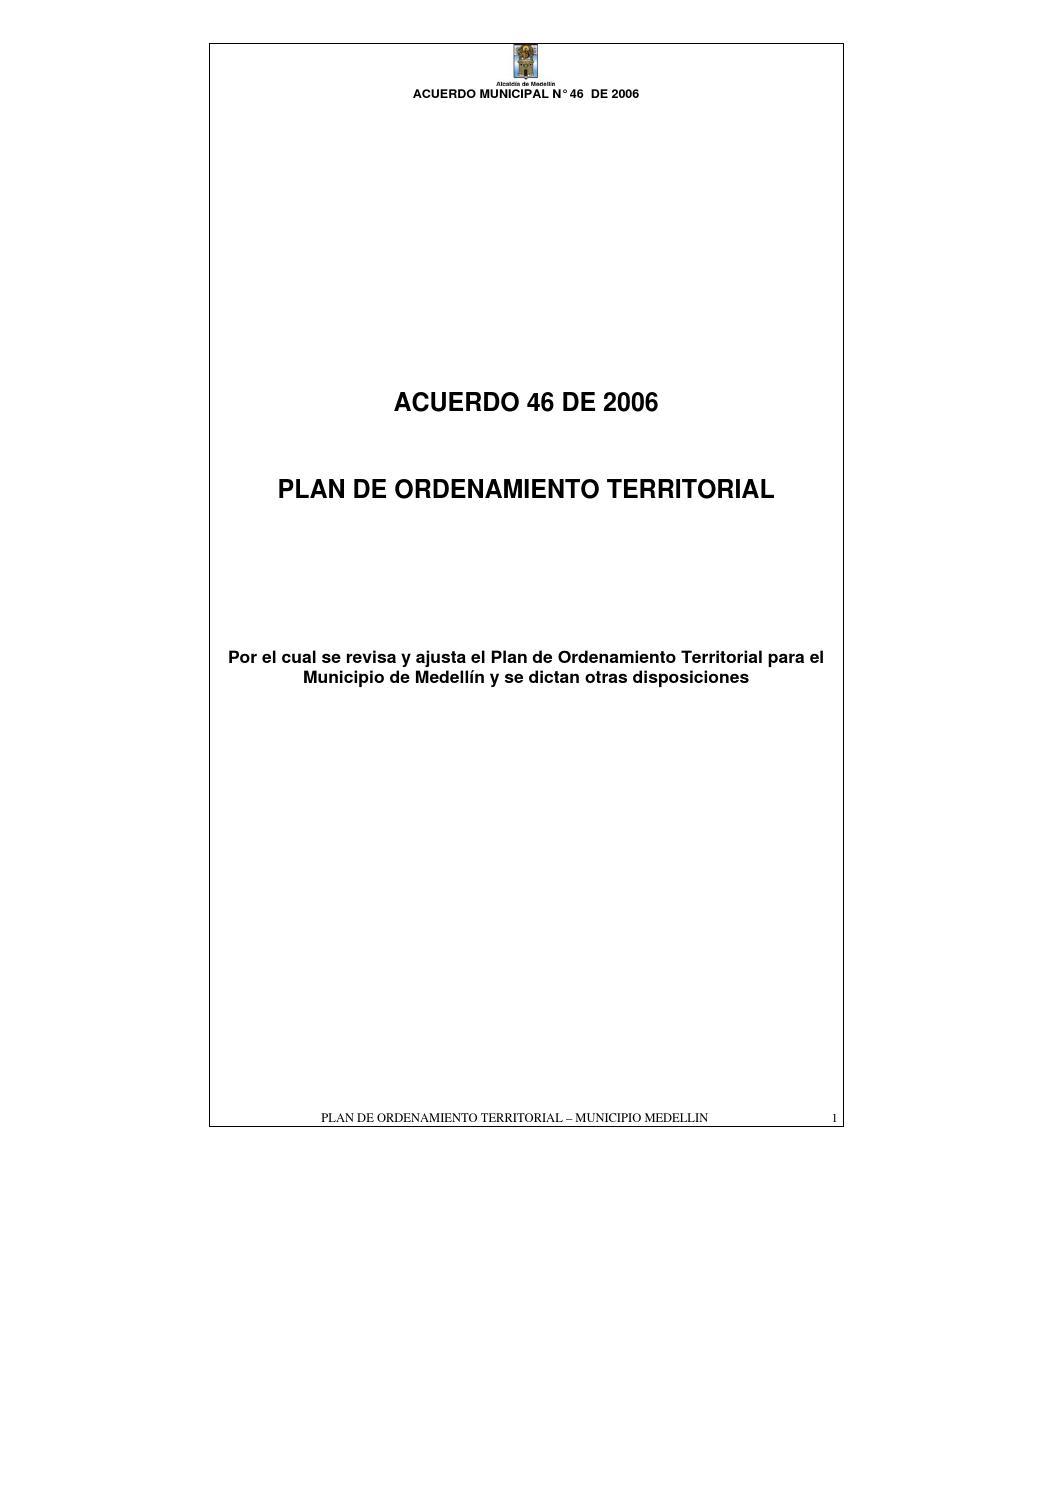 Plan de Ordenamiento de Medellín 2006 by Ciudad Mota - issuu